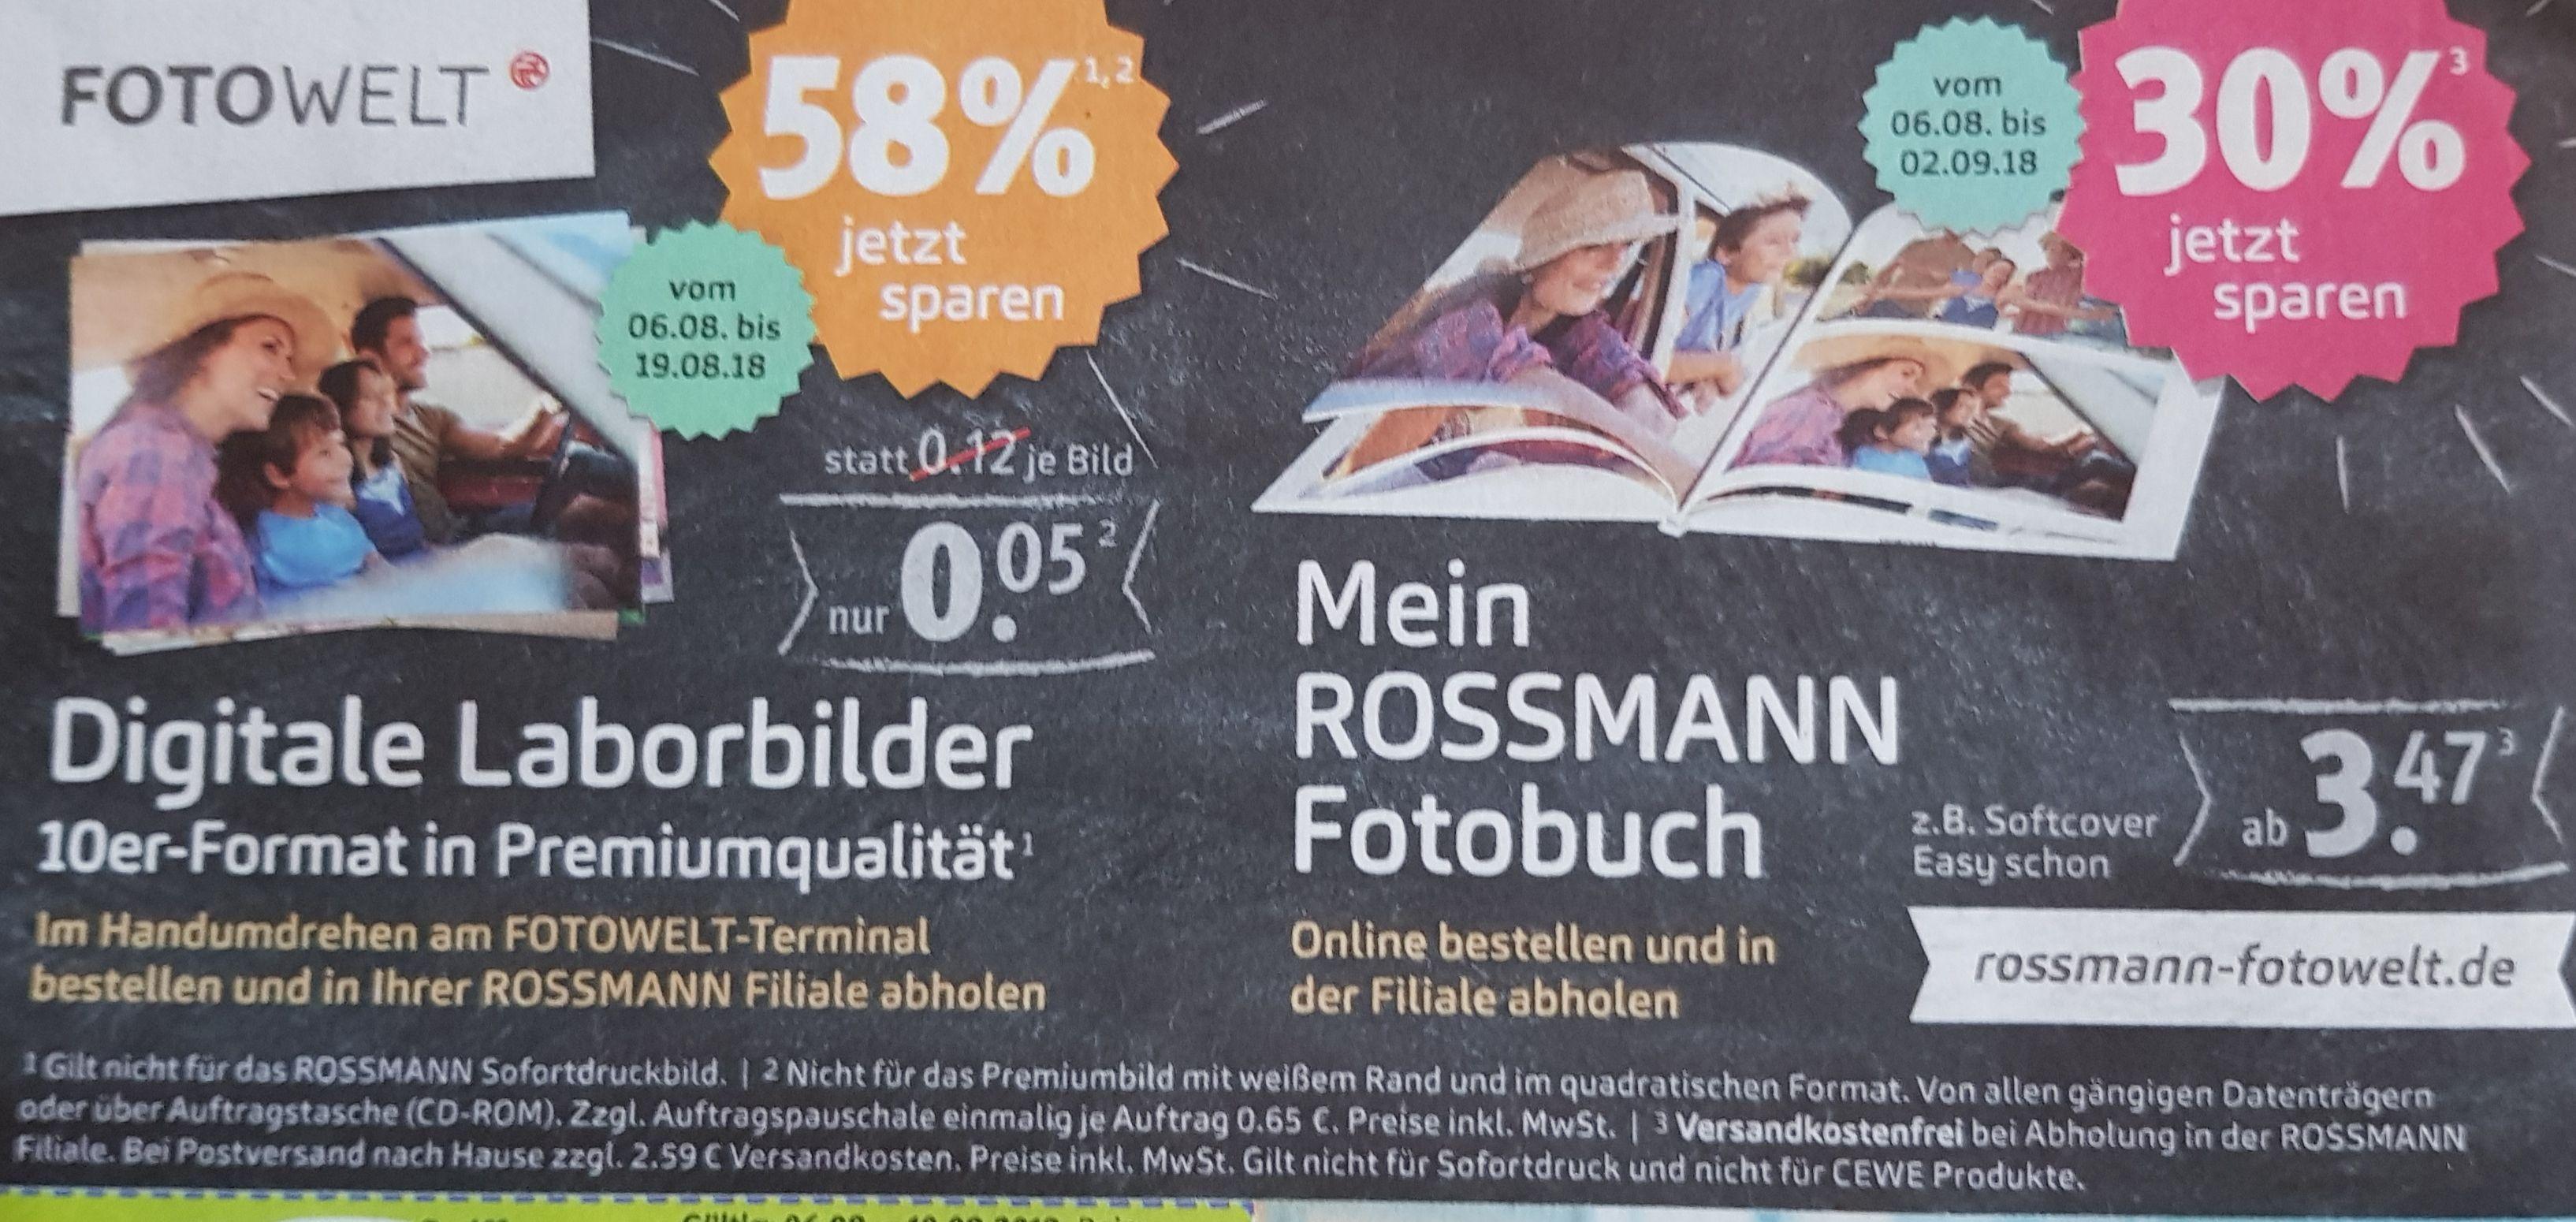 Rossmann Fotoabzüge 0,05€ 10x15 (Laborbestellung) & 30% auf Fotobücher